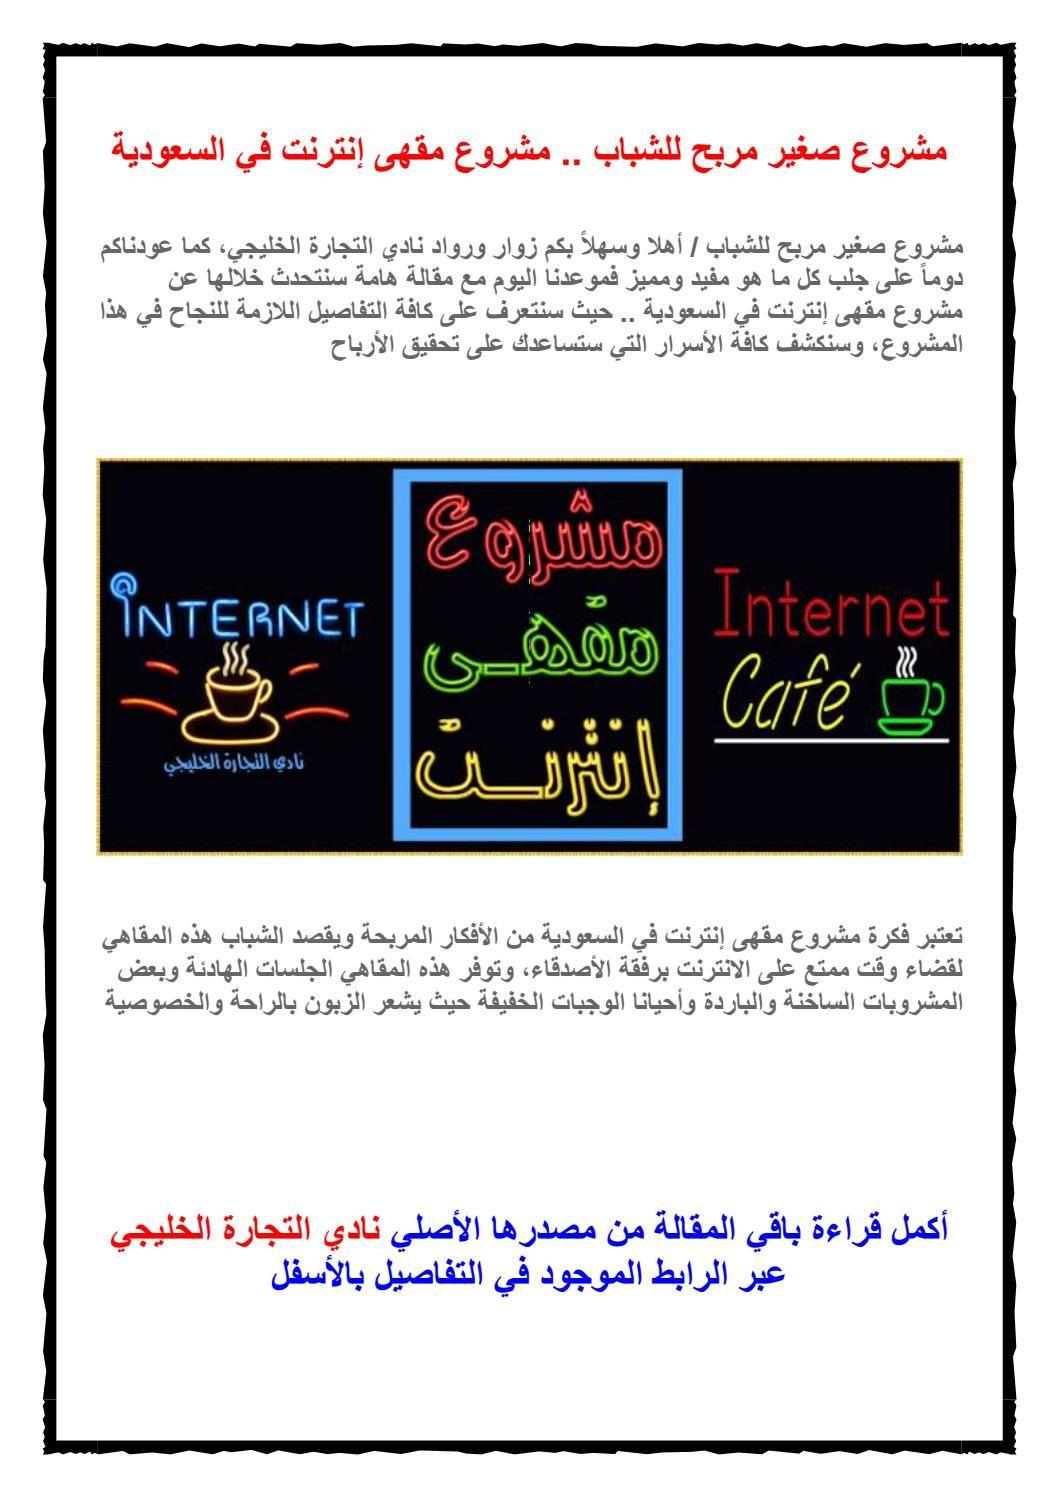 مشروع صغير مربح للشباب مشروع مقهى إنترنت في السعودية Microsoft Word Document Words Finance